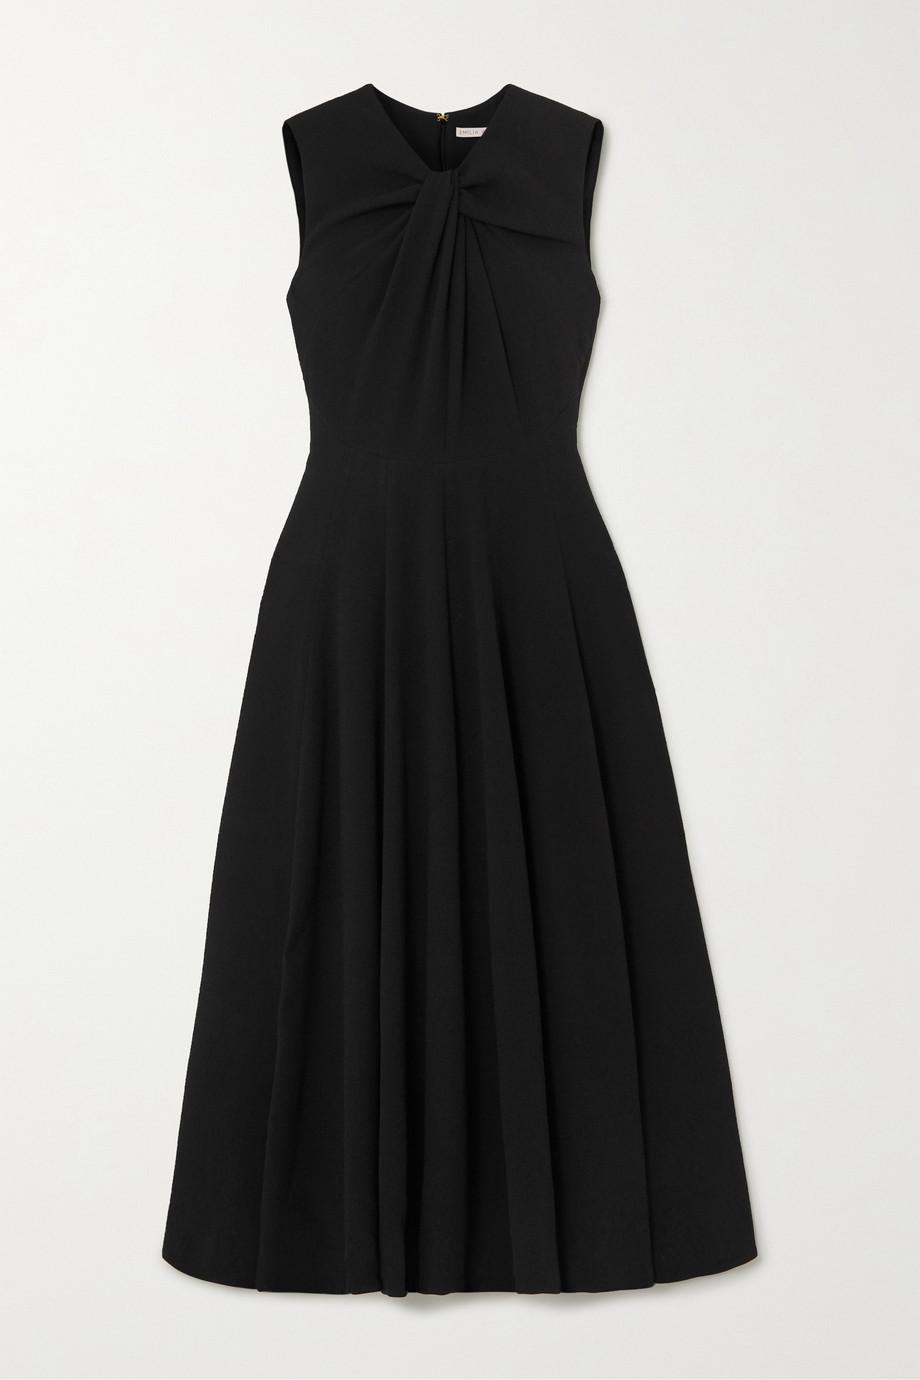 Emilia Wickstead Meryl twisted crepe midi dress